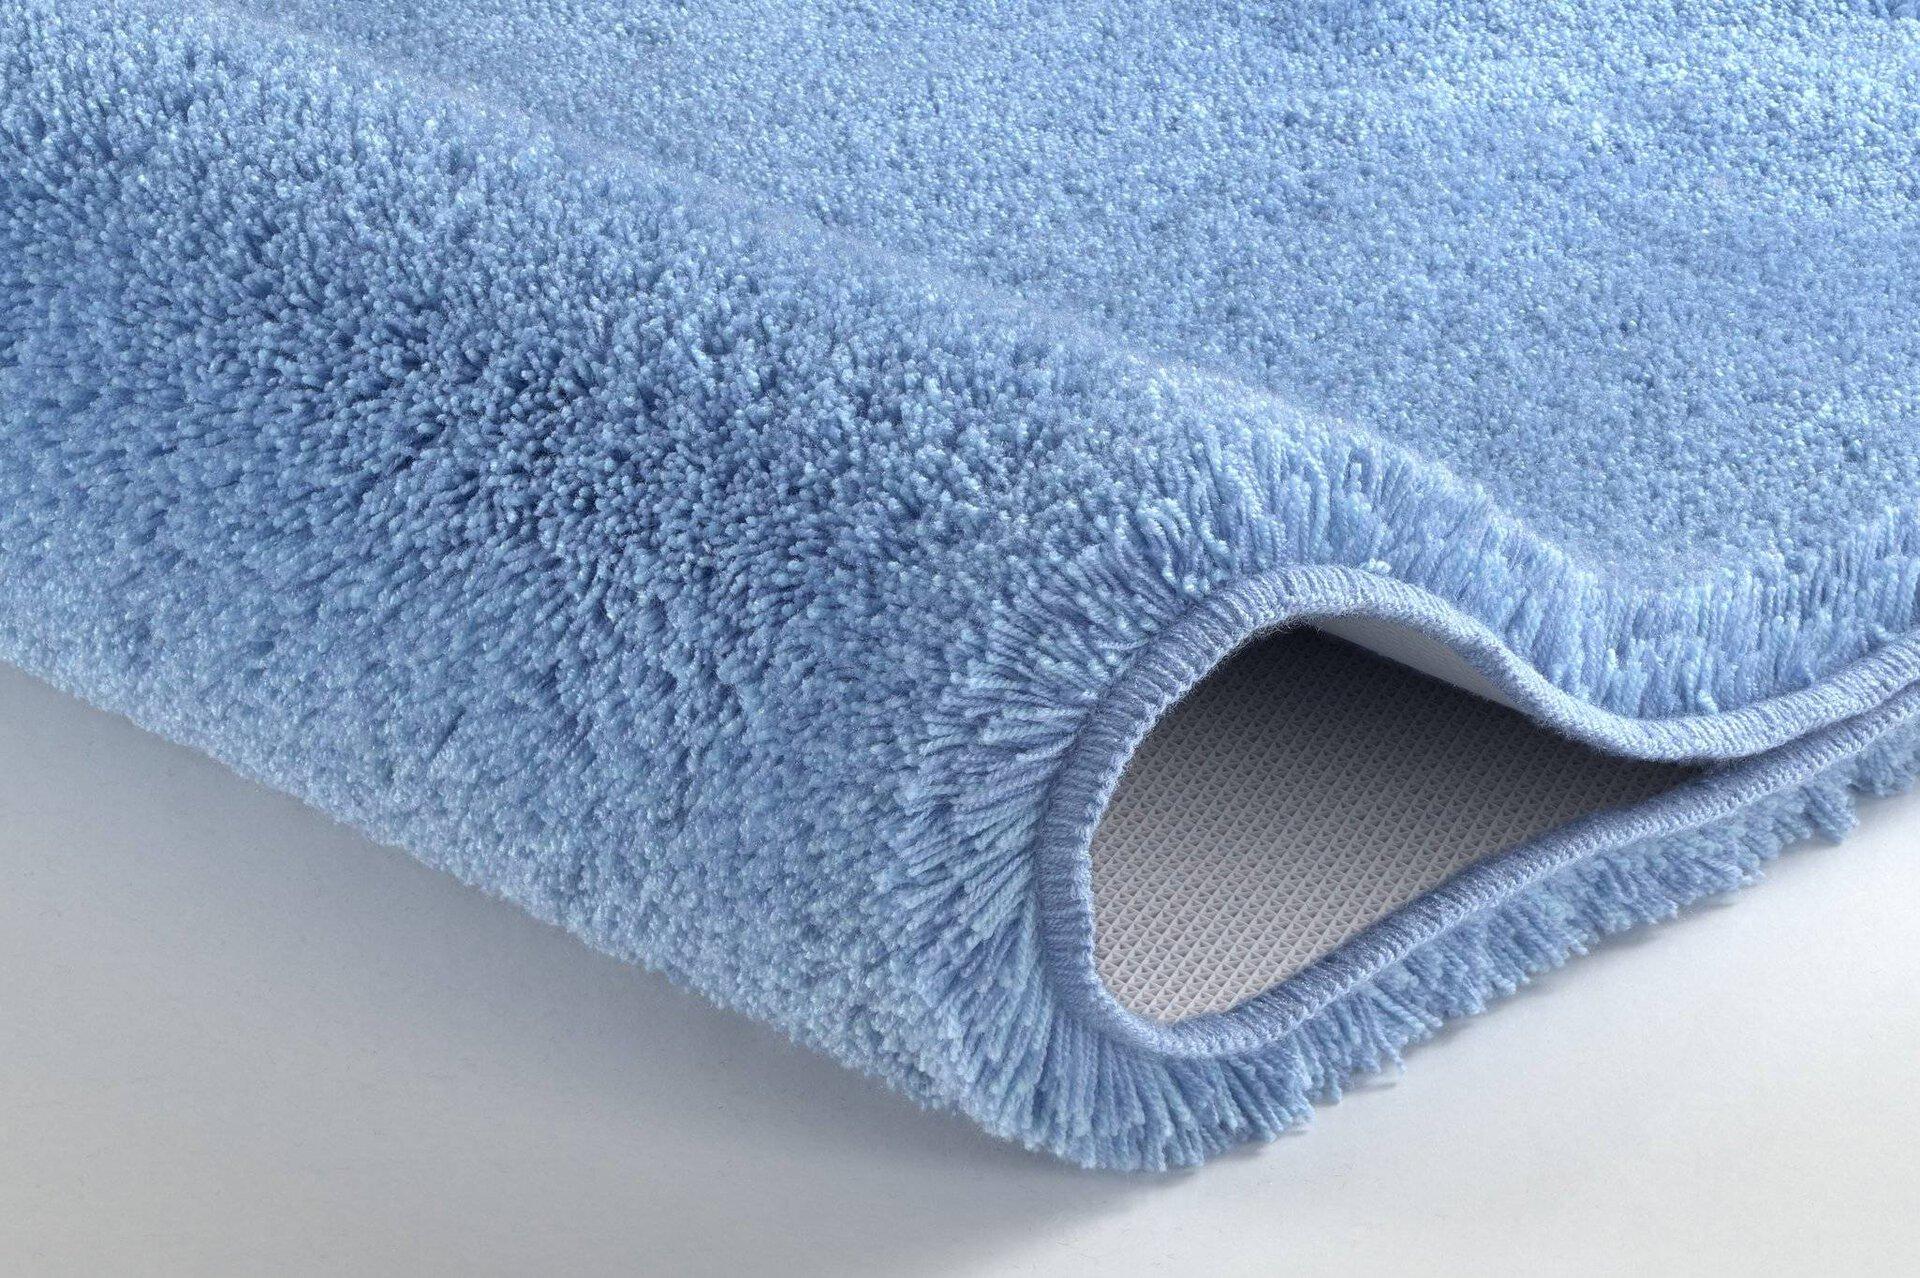 WC-Vorlage Relax Kleine Wolke Textil 55 x 3 x 55 cm